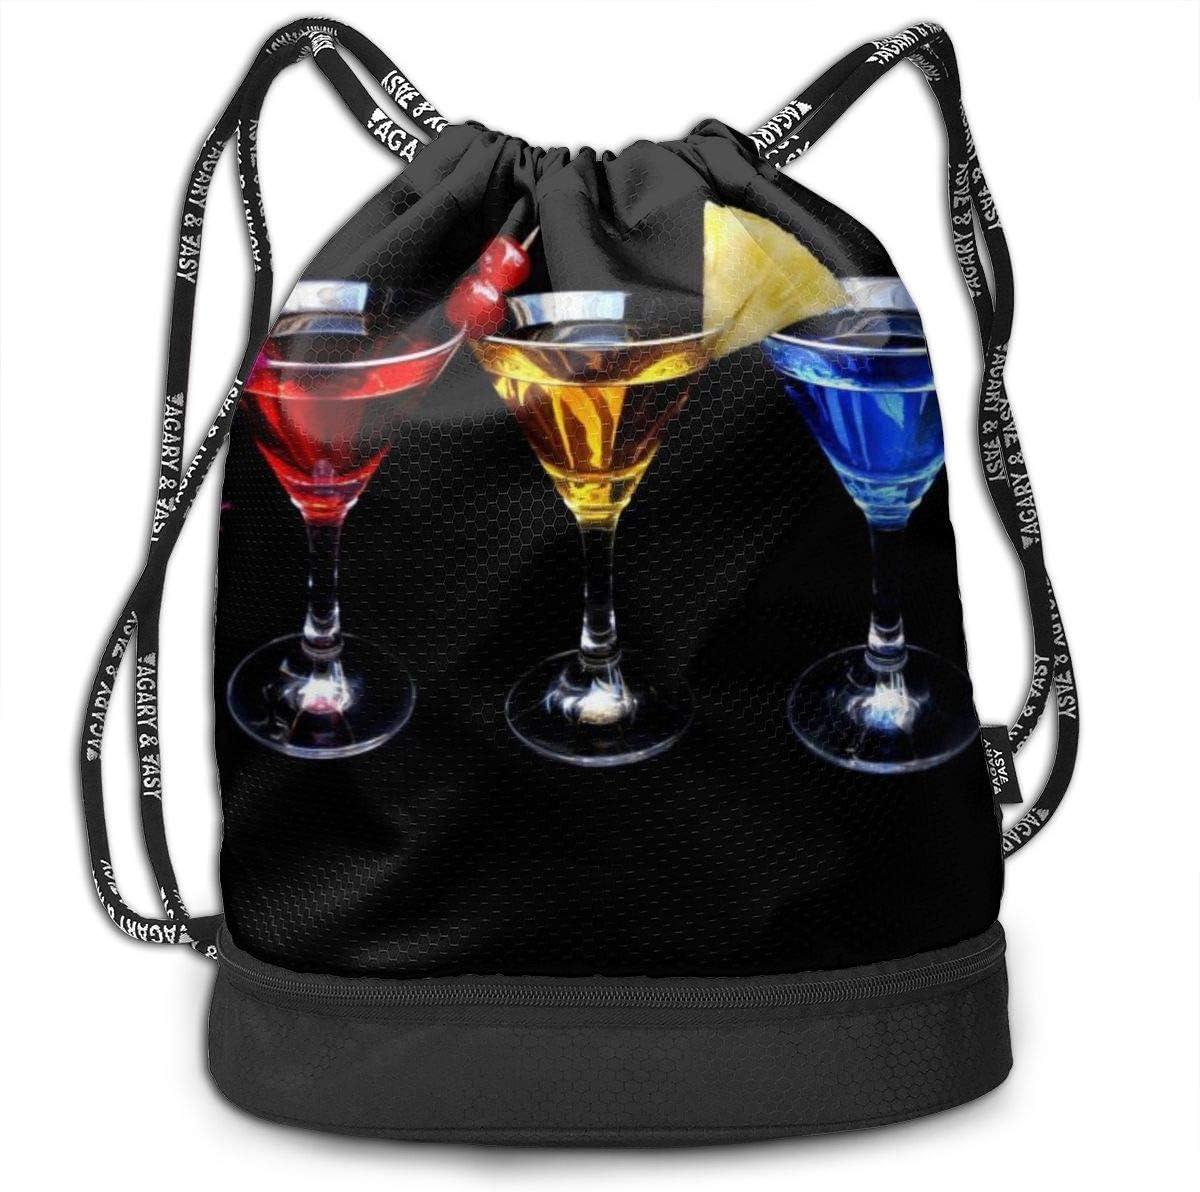 GymSack Drawstring Bag Sackpack Different Color Cocktail Sport Cinch Pack Simple Bundle Pocke Backpack For Men Women